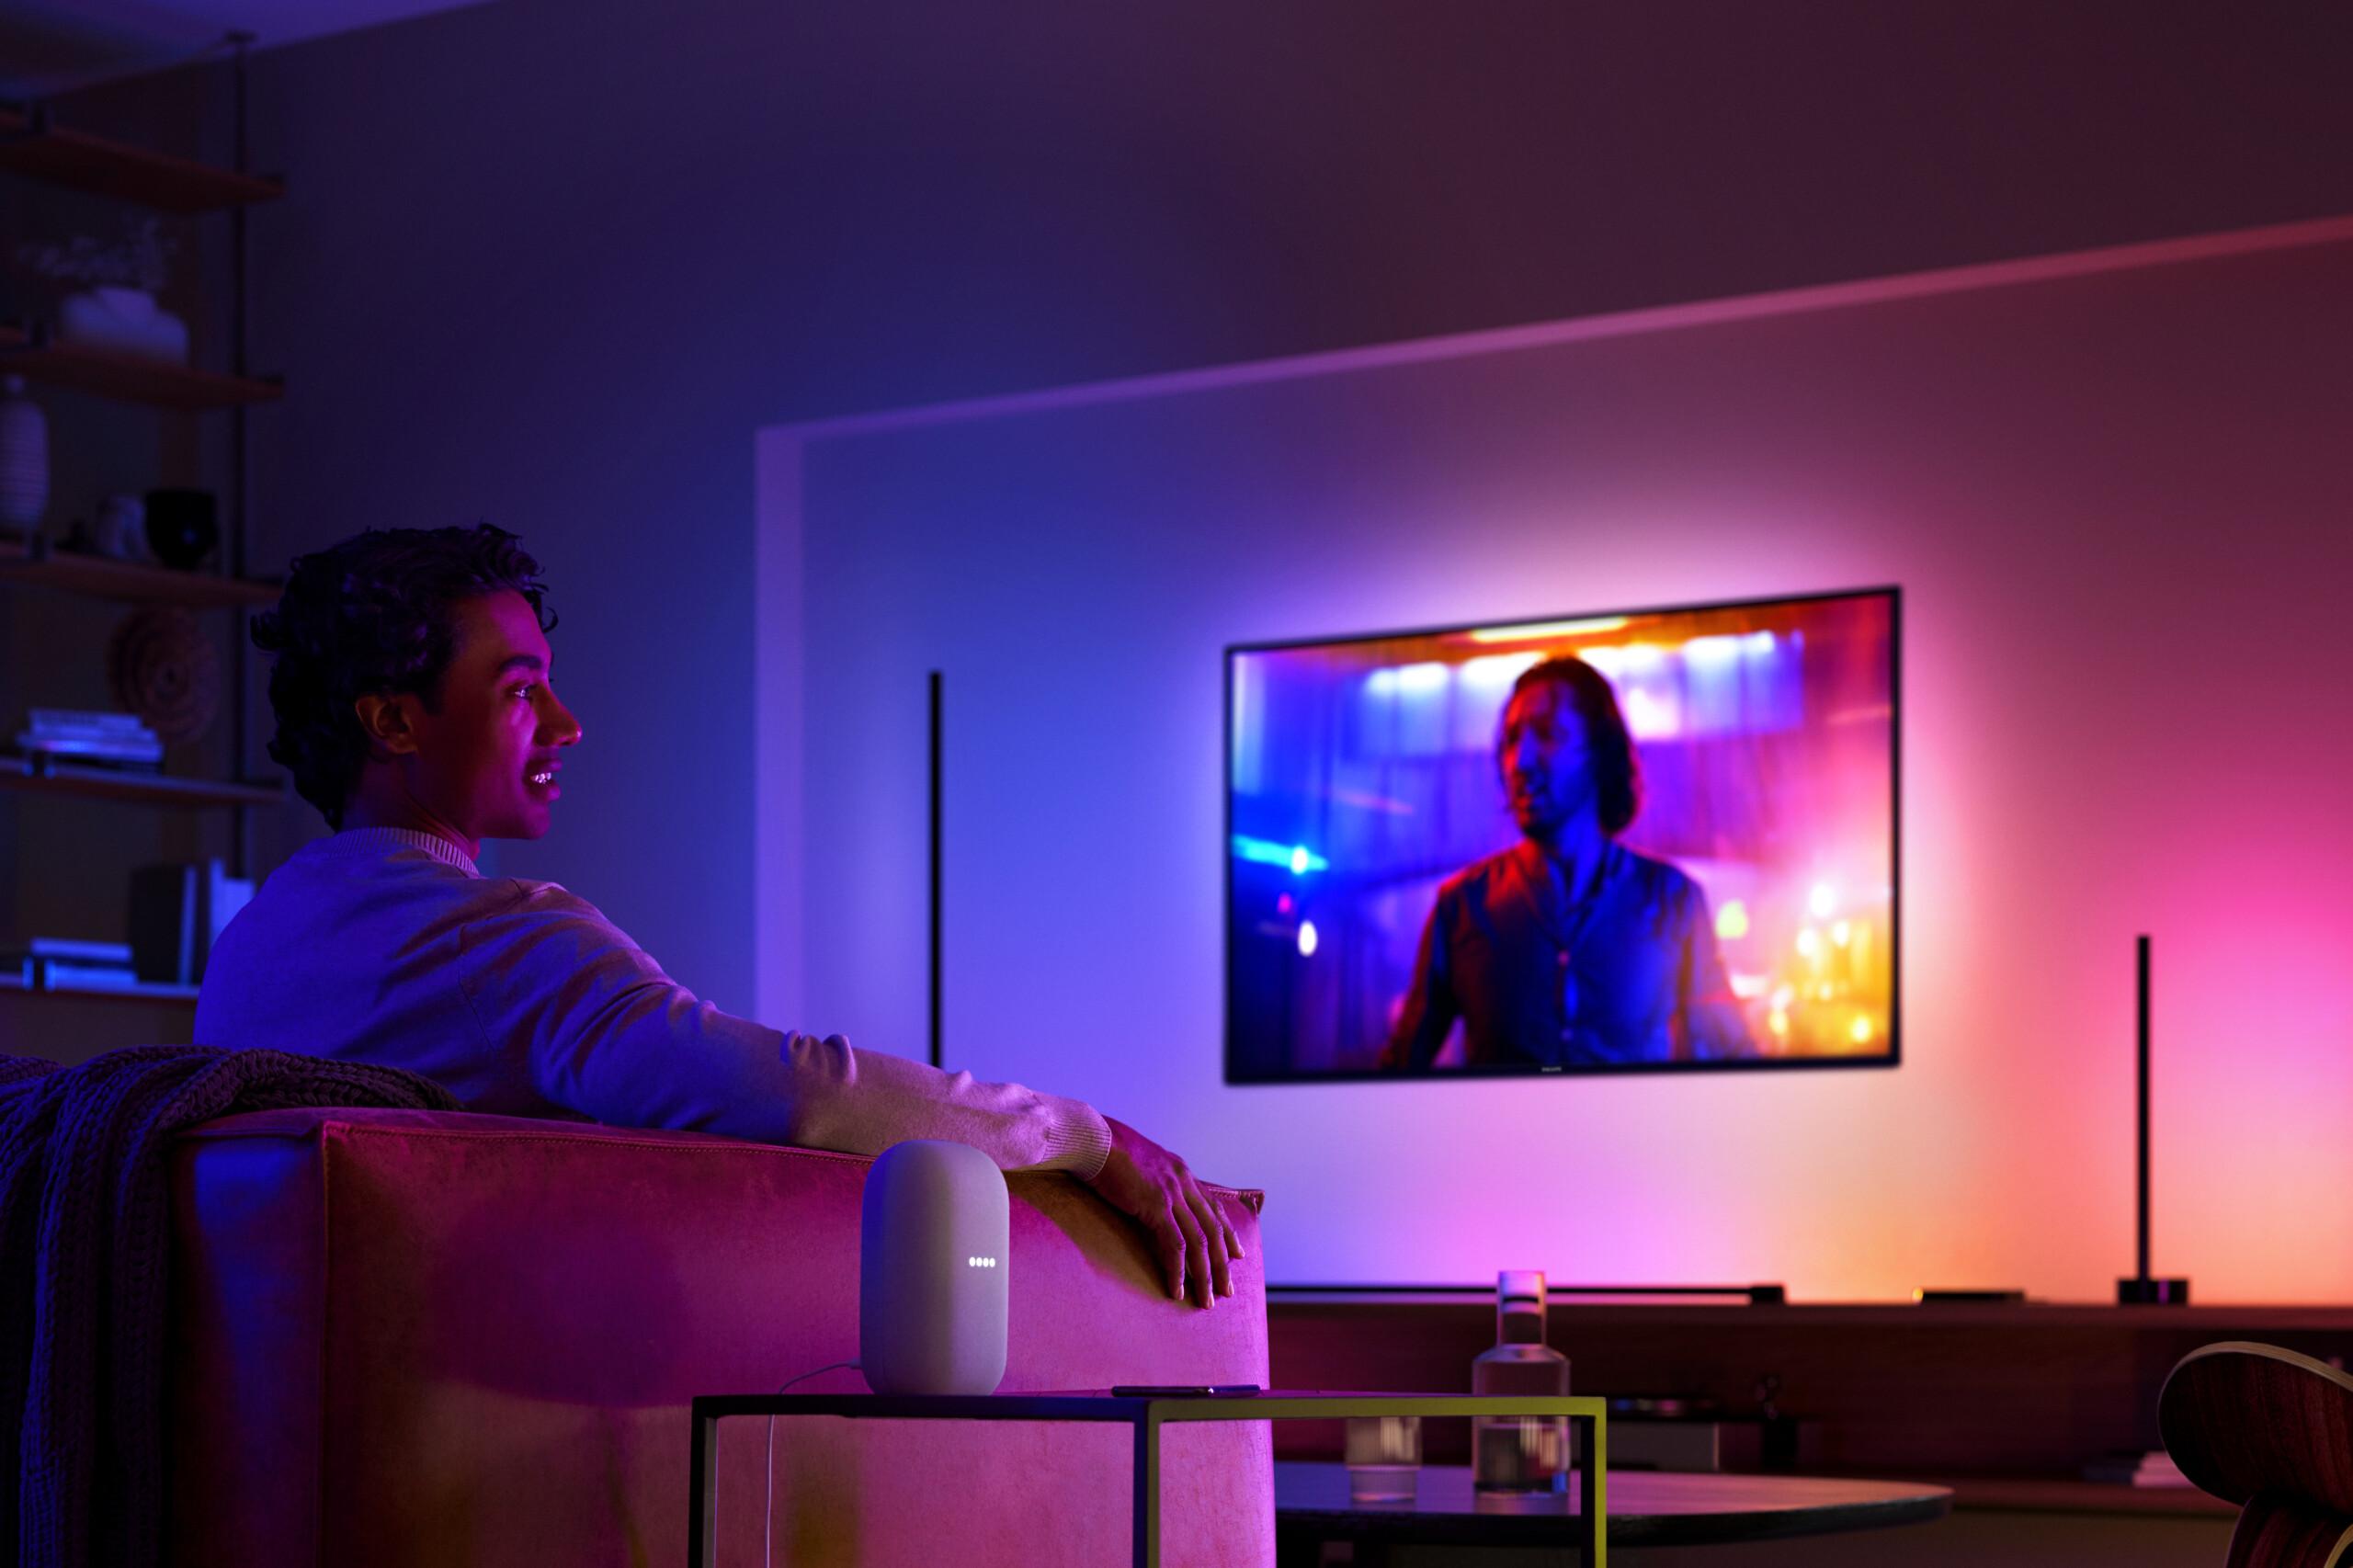 Plafonniers, tubes, bandeaux LED... Philips Hue fait le plein de nouveautés pour pulser la lumière chez vous